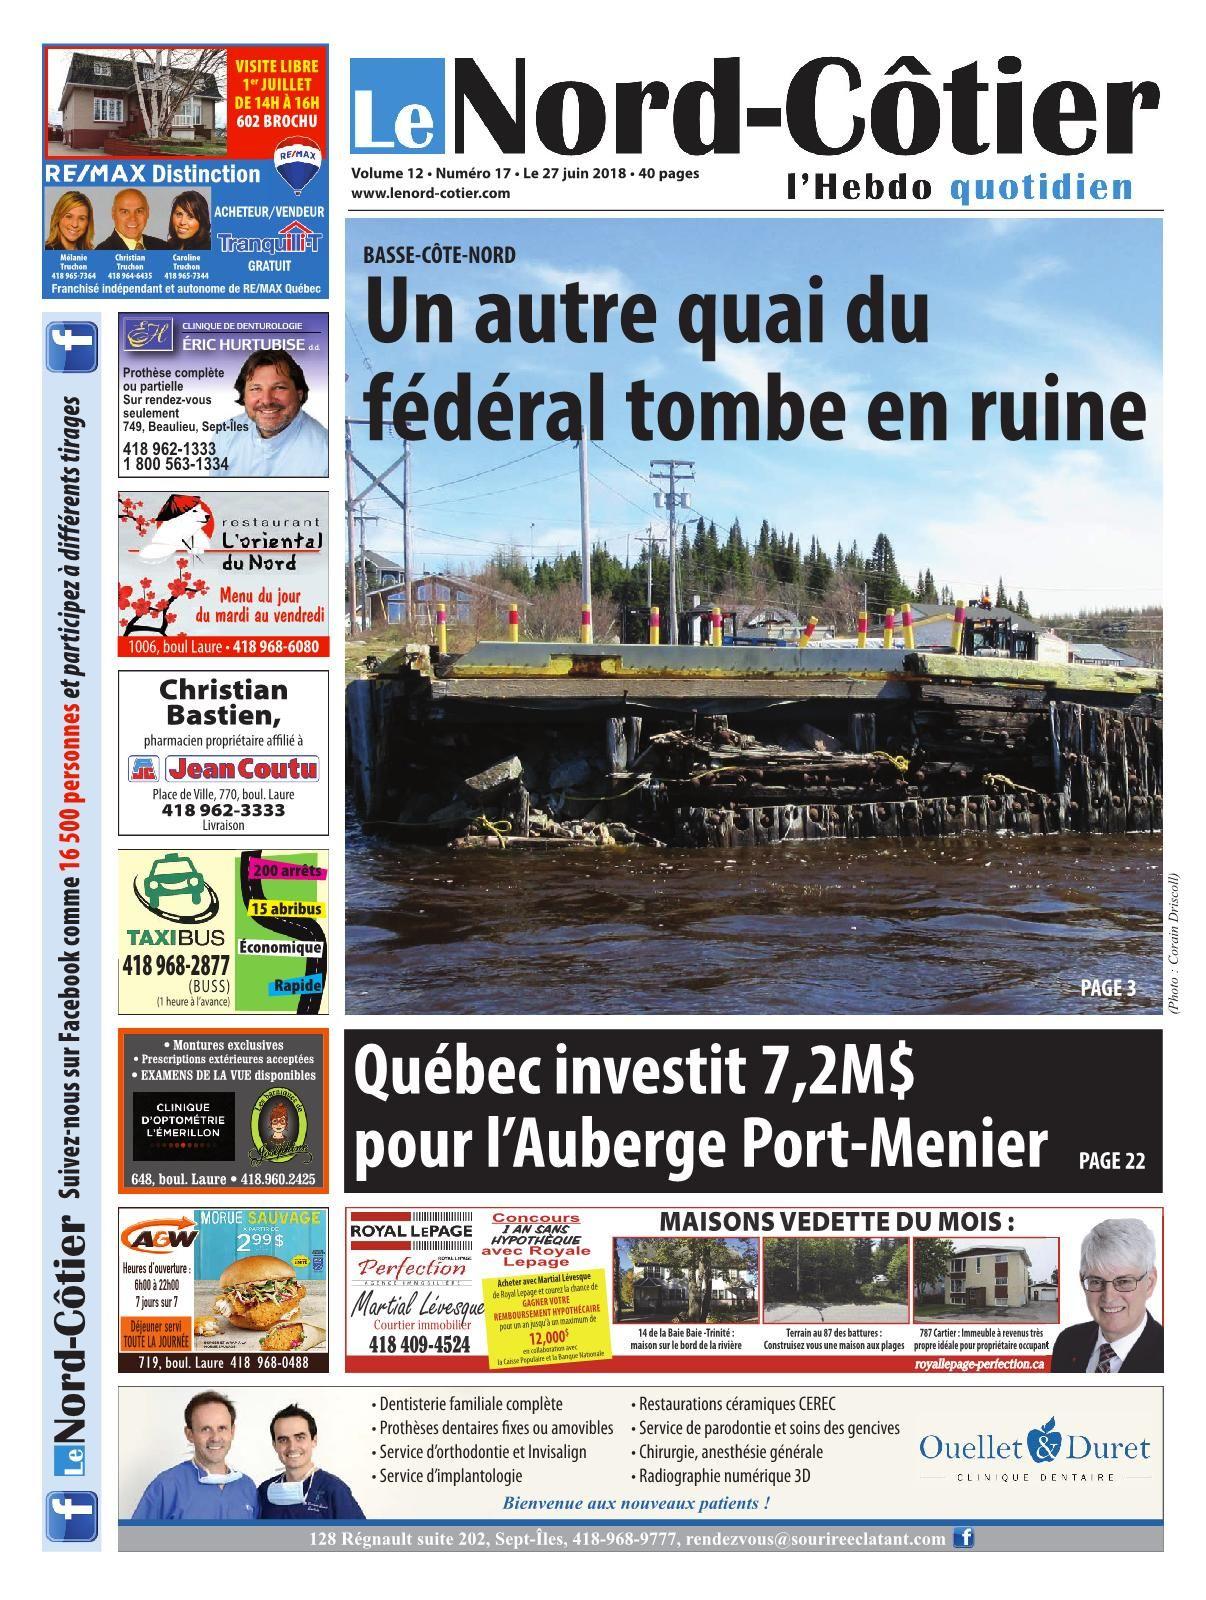 Leclerc Livraison Inspirant Le nord Cotier 27 Juin 2018 Pages 1 40 Text Version Of 26 Best Of Leclerc Livraison